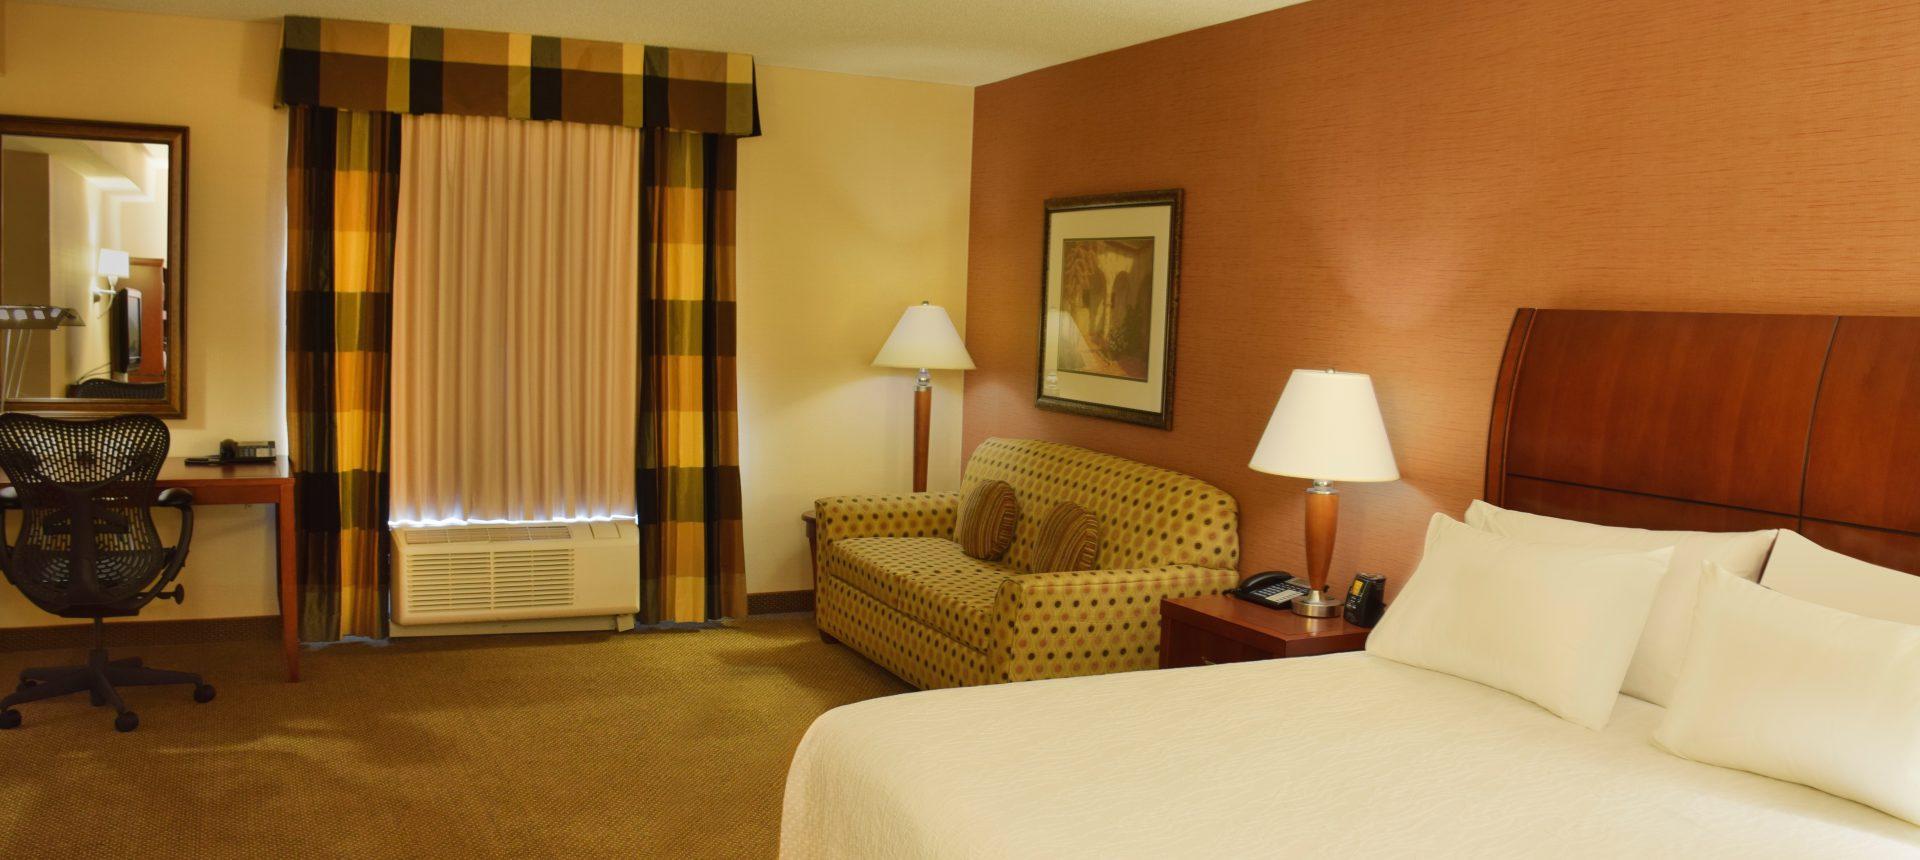 Hilton Garden Inn — Beavercreek, OH | Middletown Hotel Management ...